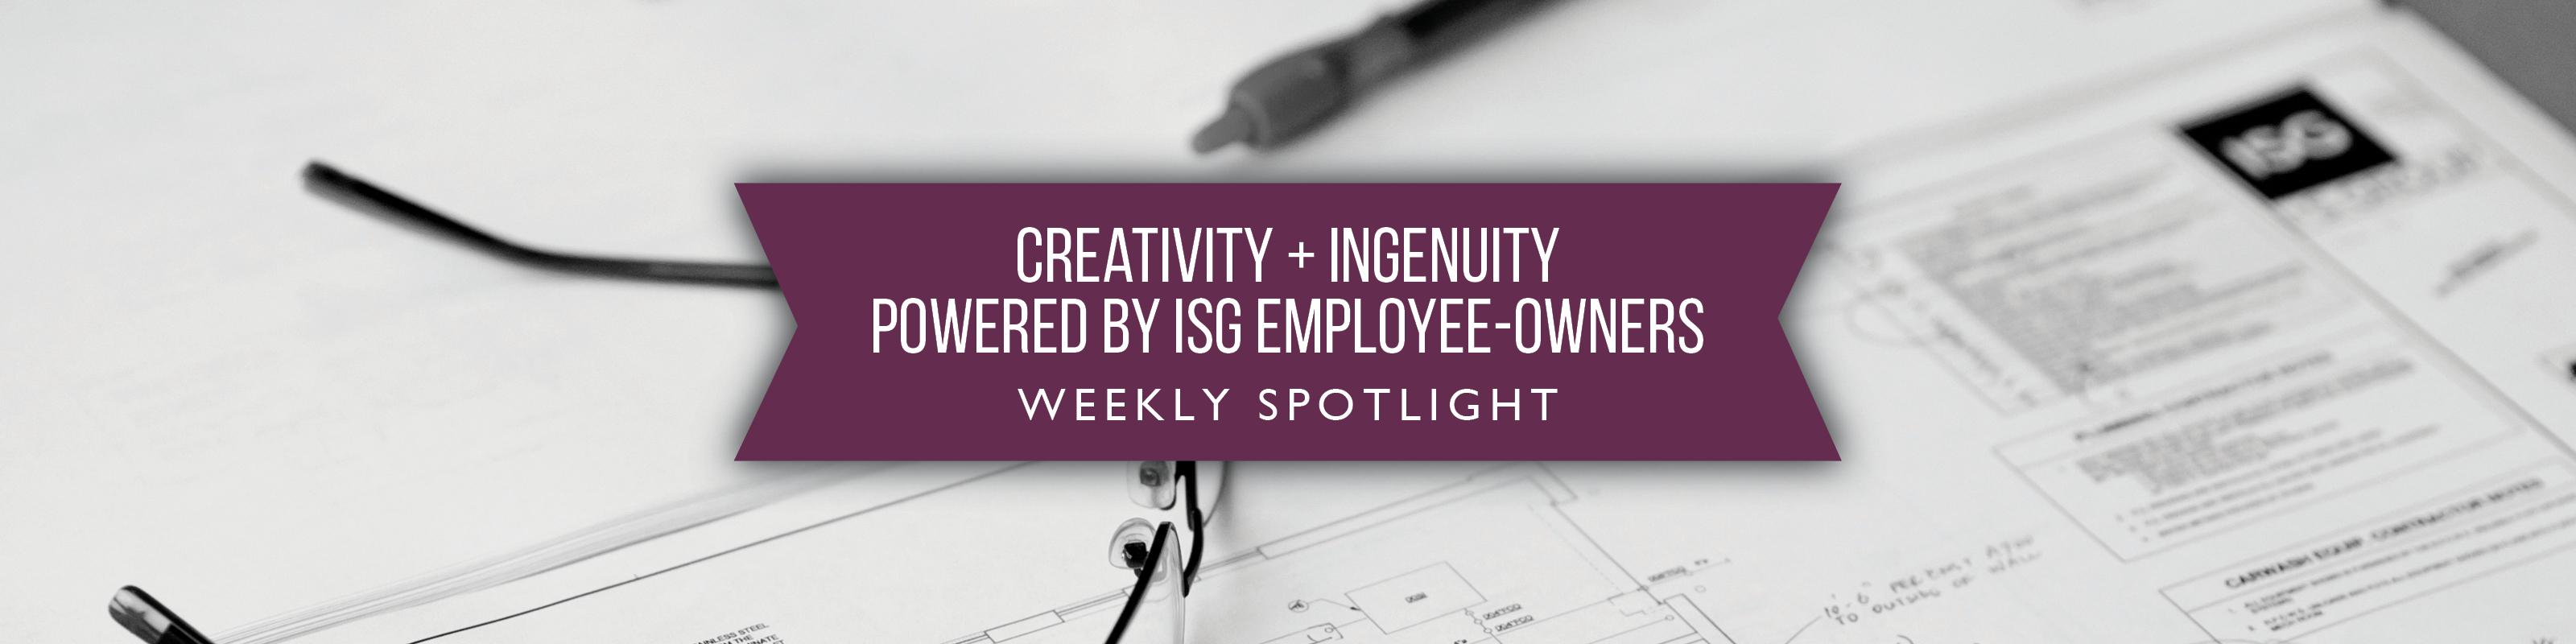 ISG Employee Spotlight banner